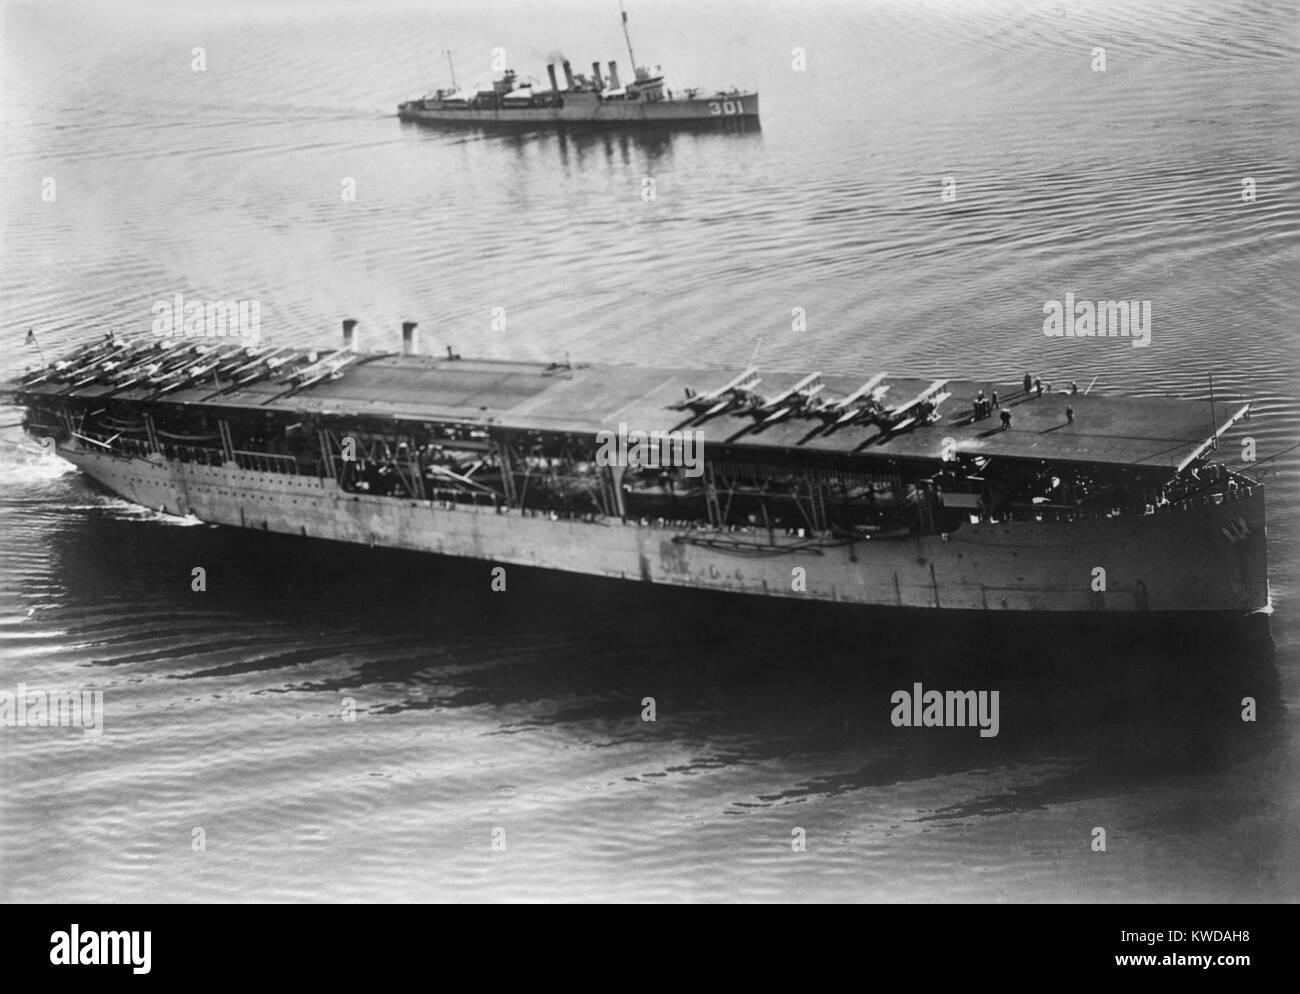 """USS Langley, le premier porte-avions, a été mise en service le 20 mars 1922. Sur son pont deux """"premières"""": le premier avion a été catapulté à partir d'un transporteur; et le premier avion à atterrir sur un navire (BSLOC___2016 10 105) Banque D'Images"""